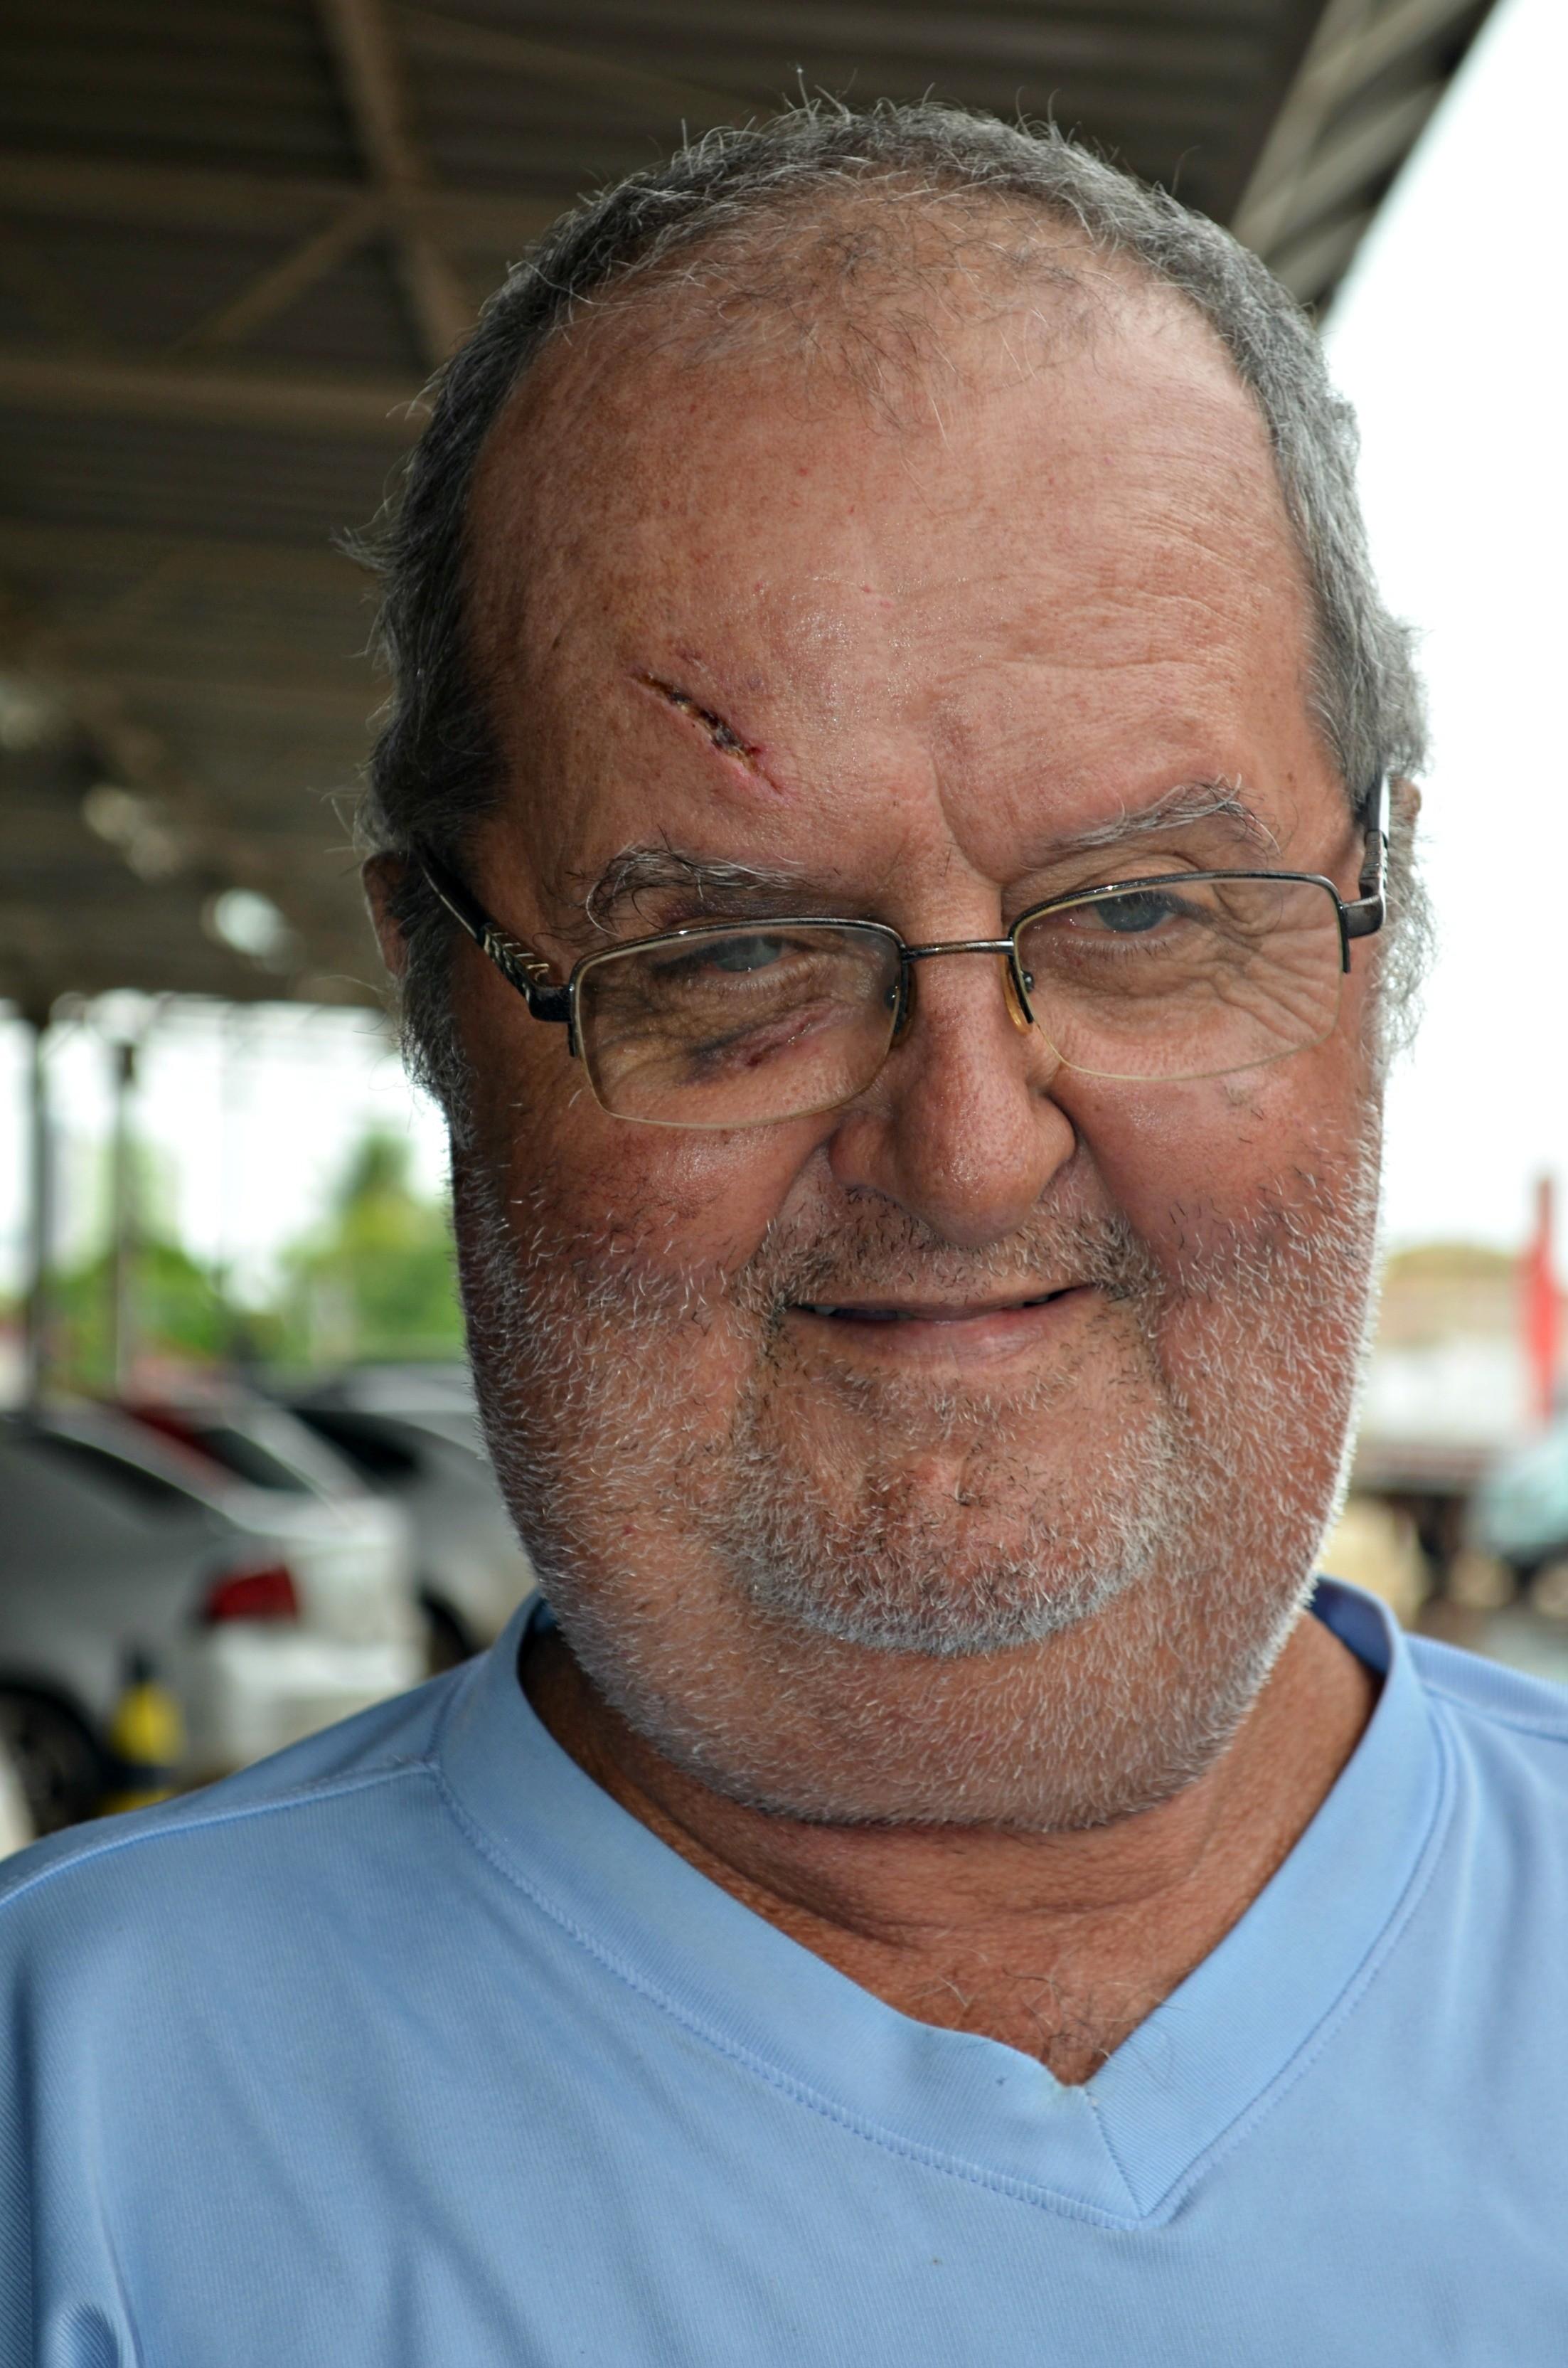 Jonas Guilherme, de 63 anos, sobreviveu após por mais de três dias na floresta (Foto: Caio Fulgêncio/G1)